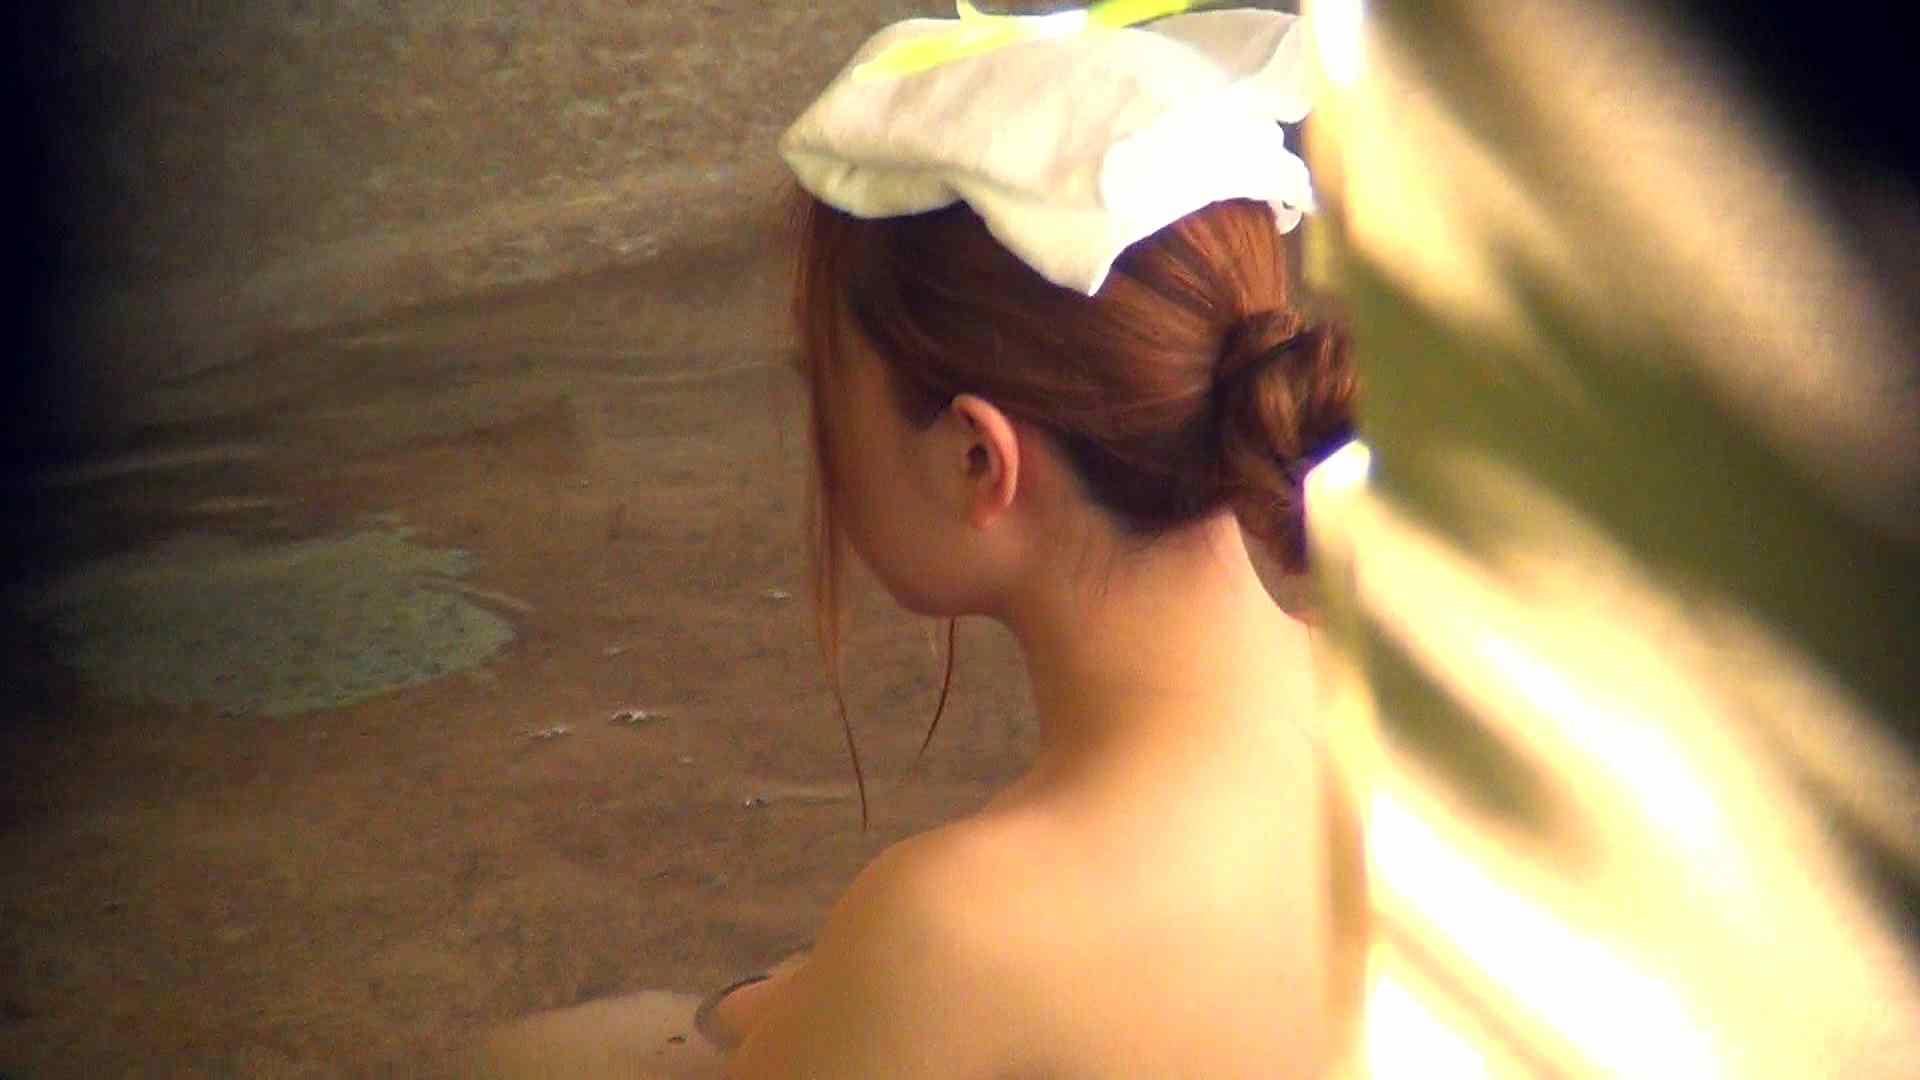 Vol.40 茶髪お女市さまはふくよかでした 露天覗き アダルト動画キャプチャ 91枚 89